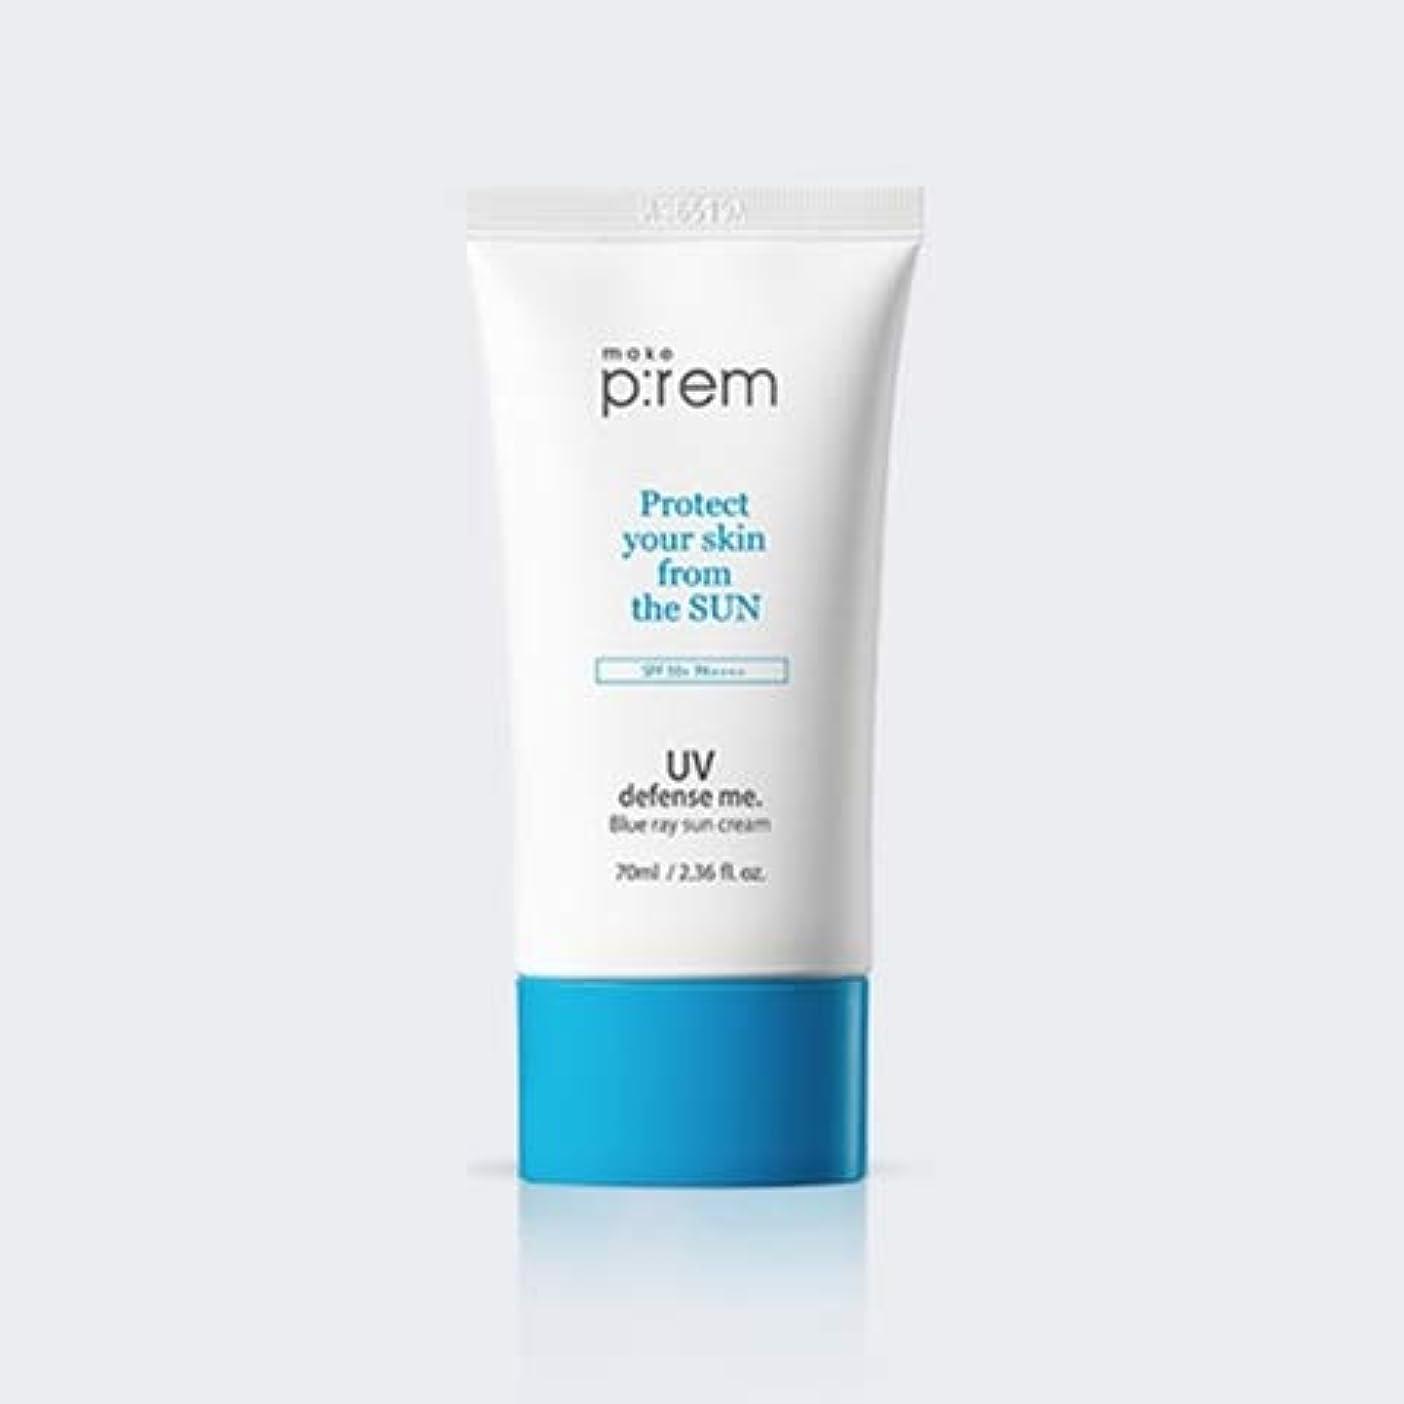 痛み誕生顔料[makep:rem]ユブイディフェンス米ブルーレイ日焼け止め(70ML)/ UV defense me。Blue ray sun cream_SPF50+ PA++++